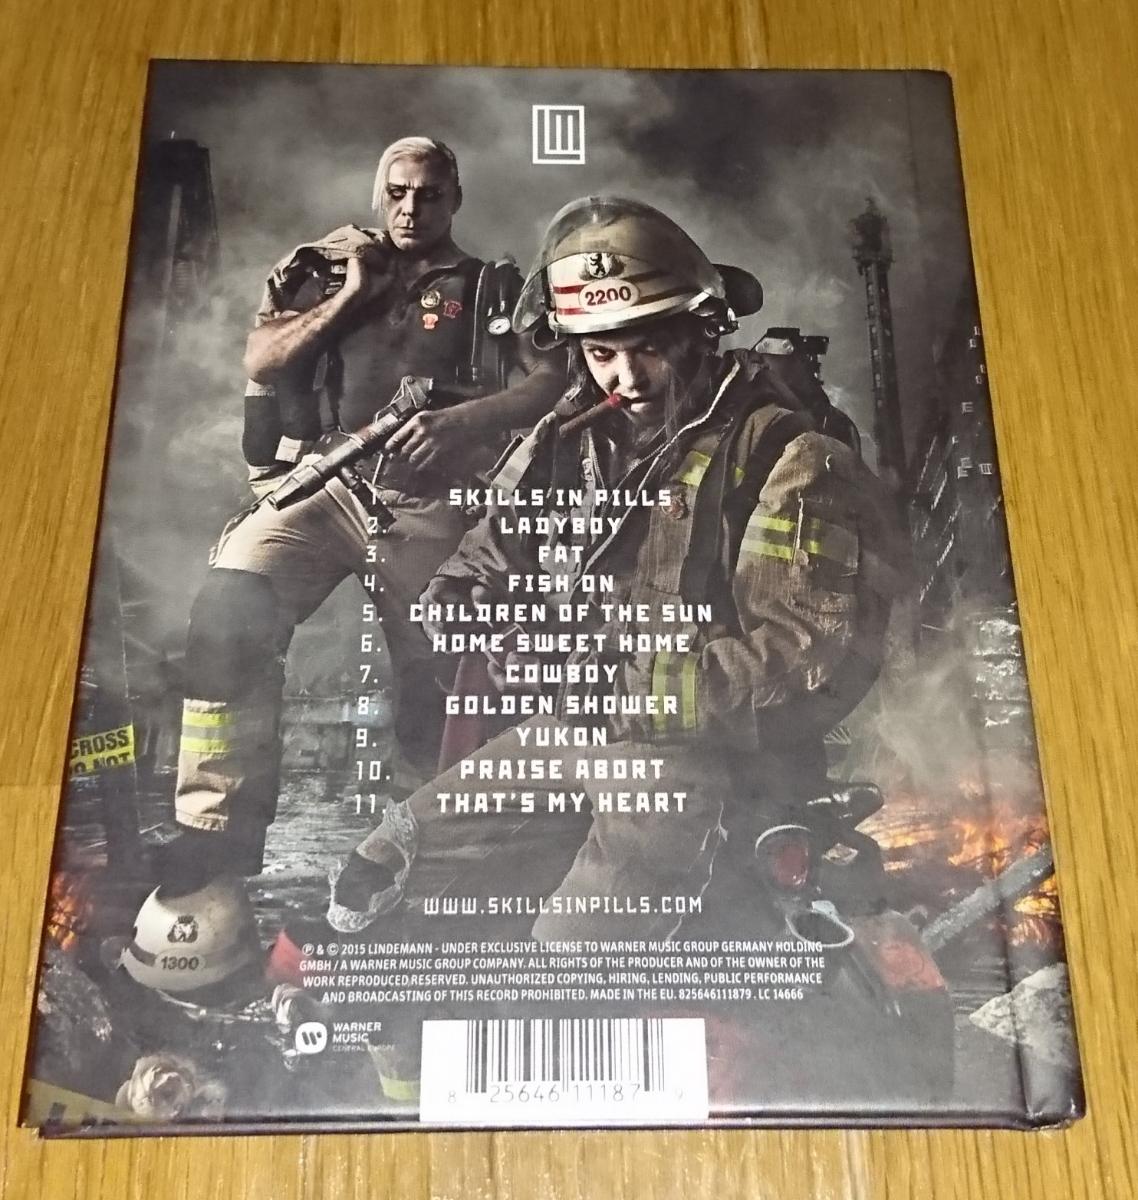 Lindemann Skills In Pills 限定28Pハードカバーブックレット ボーナストラック有り ラムシュタイン 極美品 メタル インダストリアル_画像3